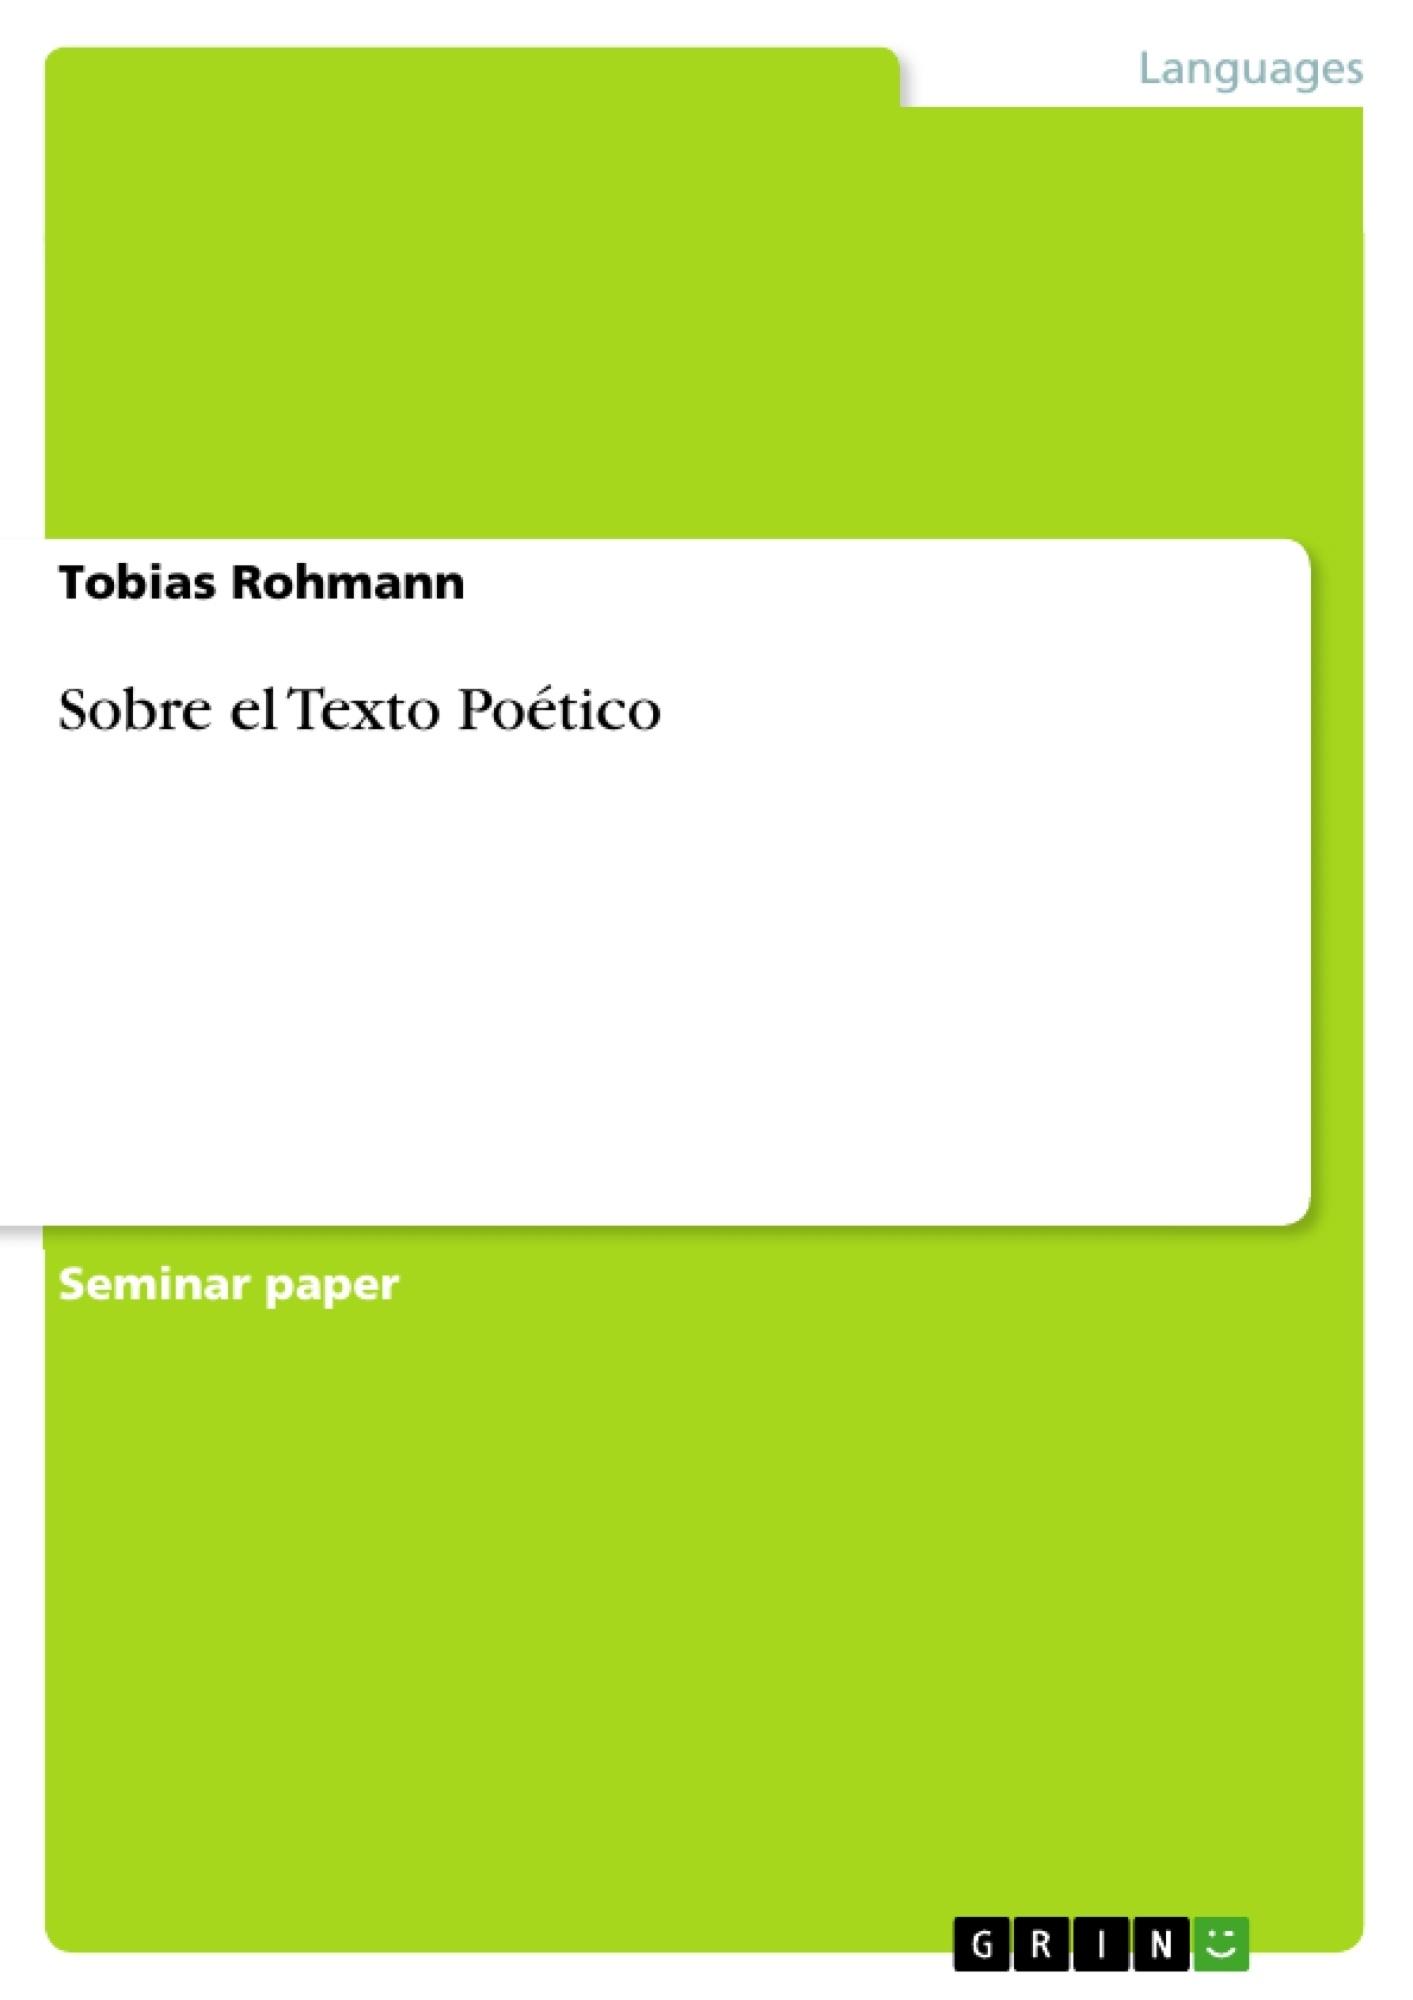 Título: Sobre el Texto Poético